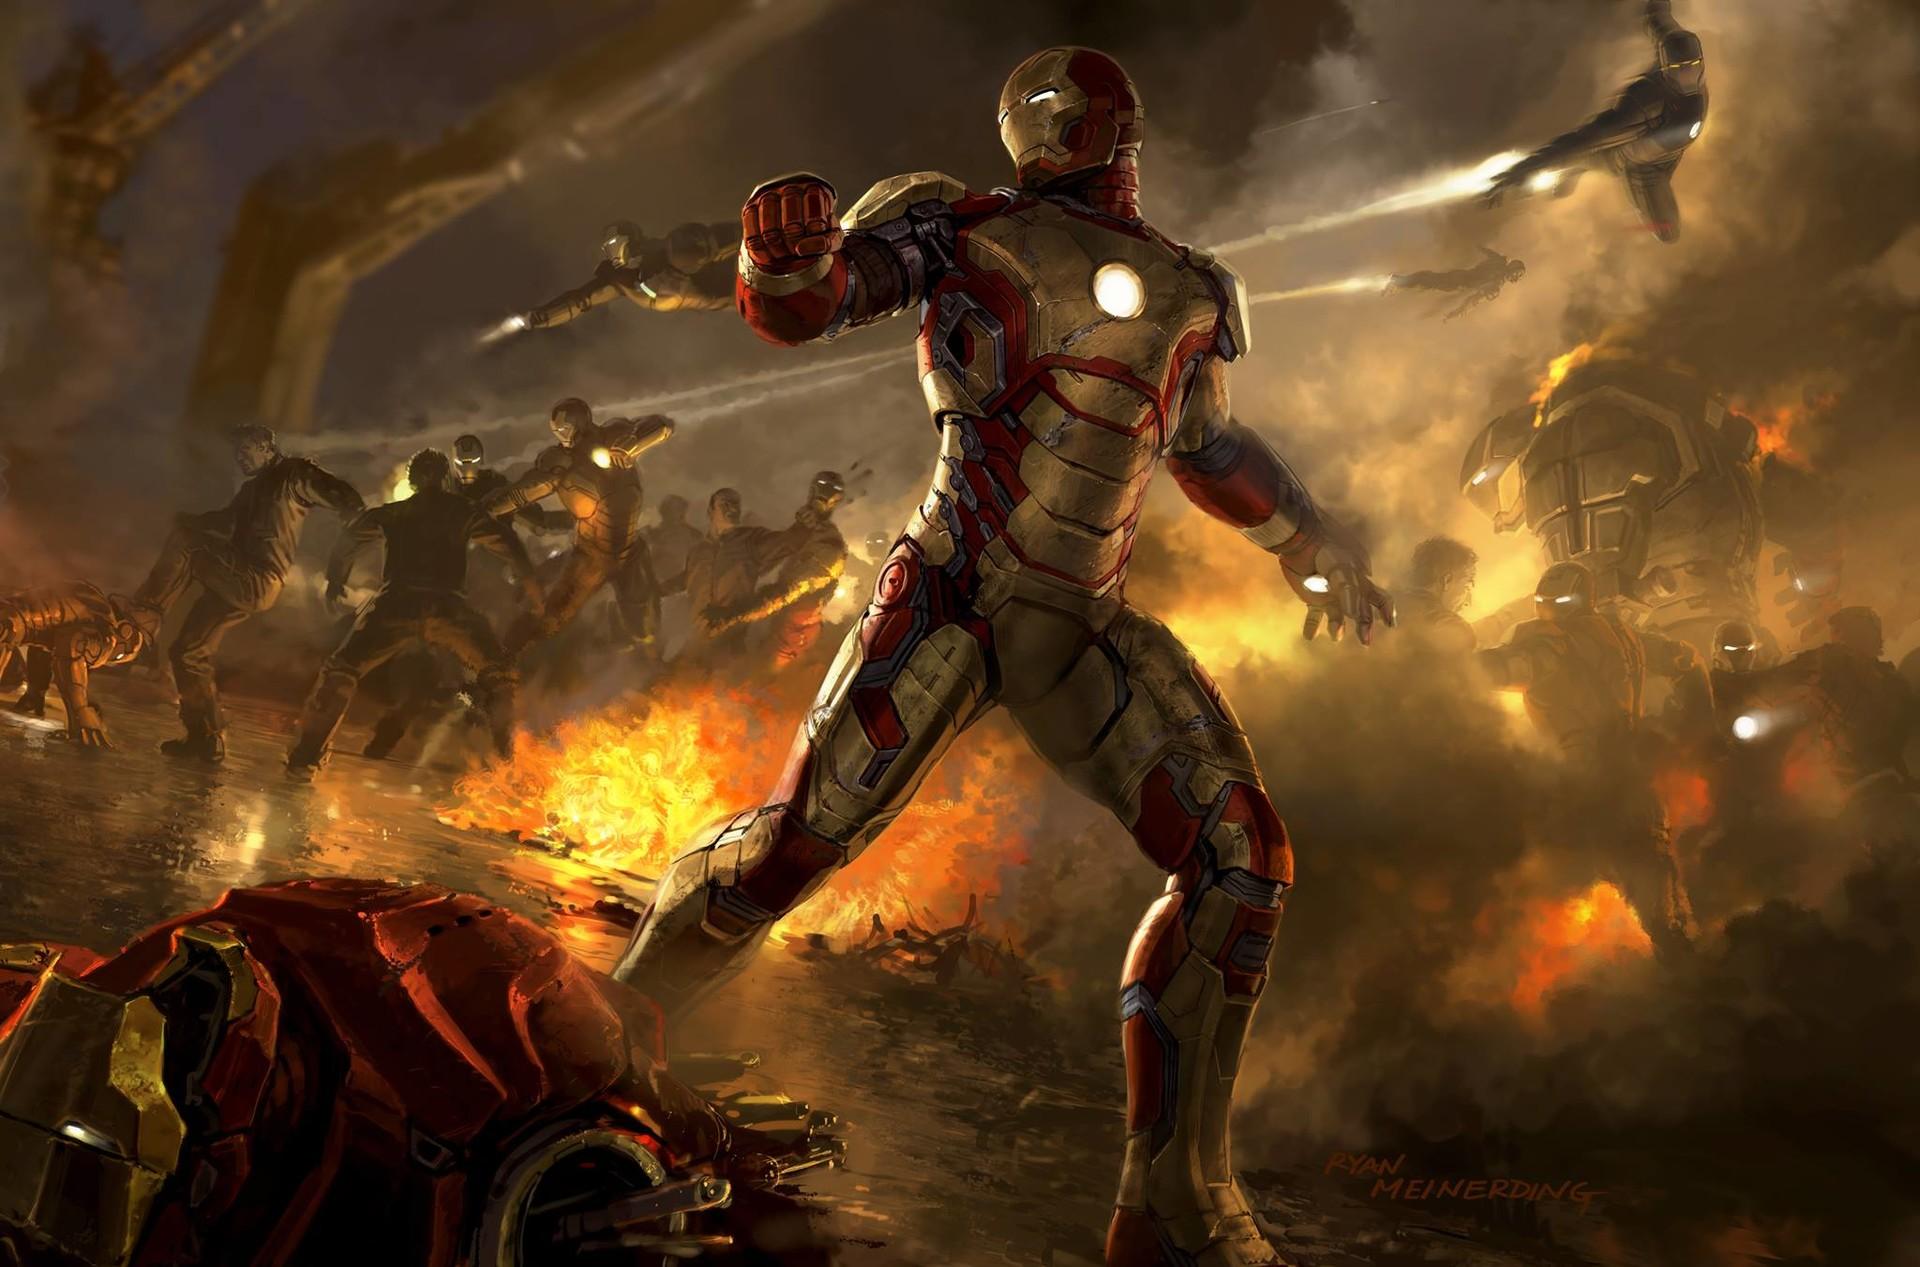 ArtStation - Iron Man 3 Keyframes, Ryan Meinerding